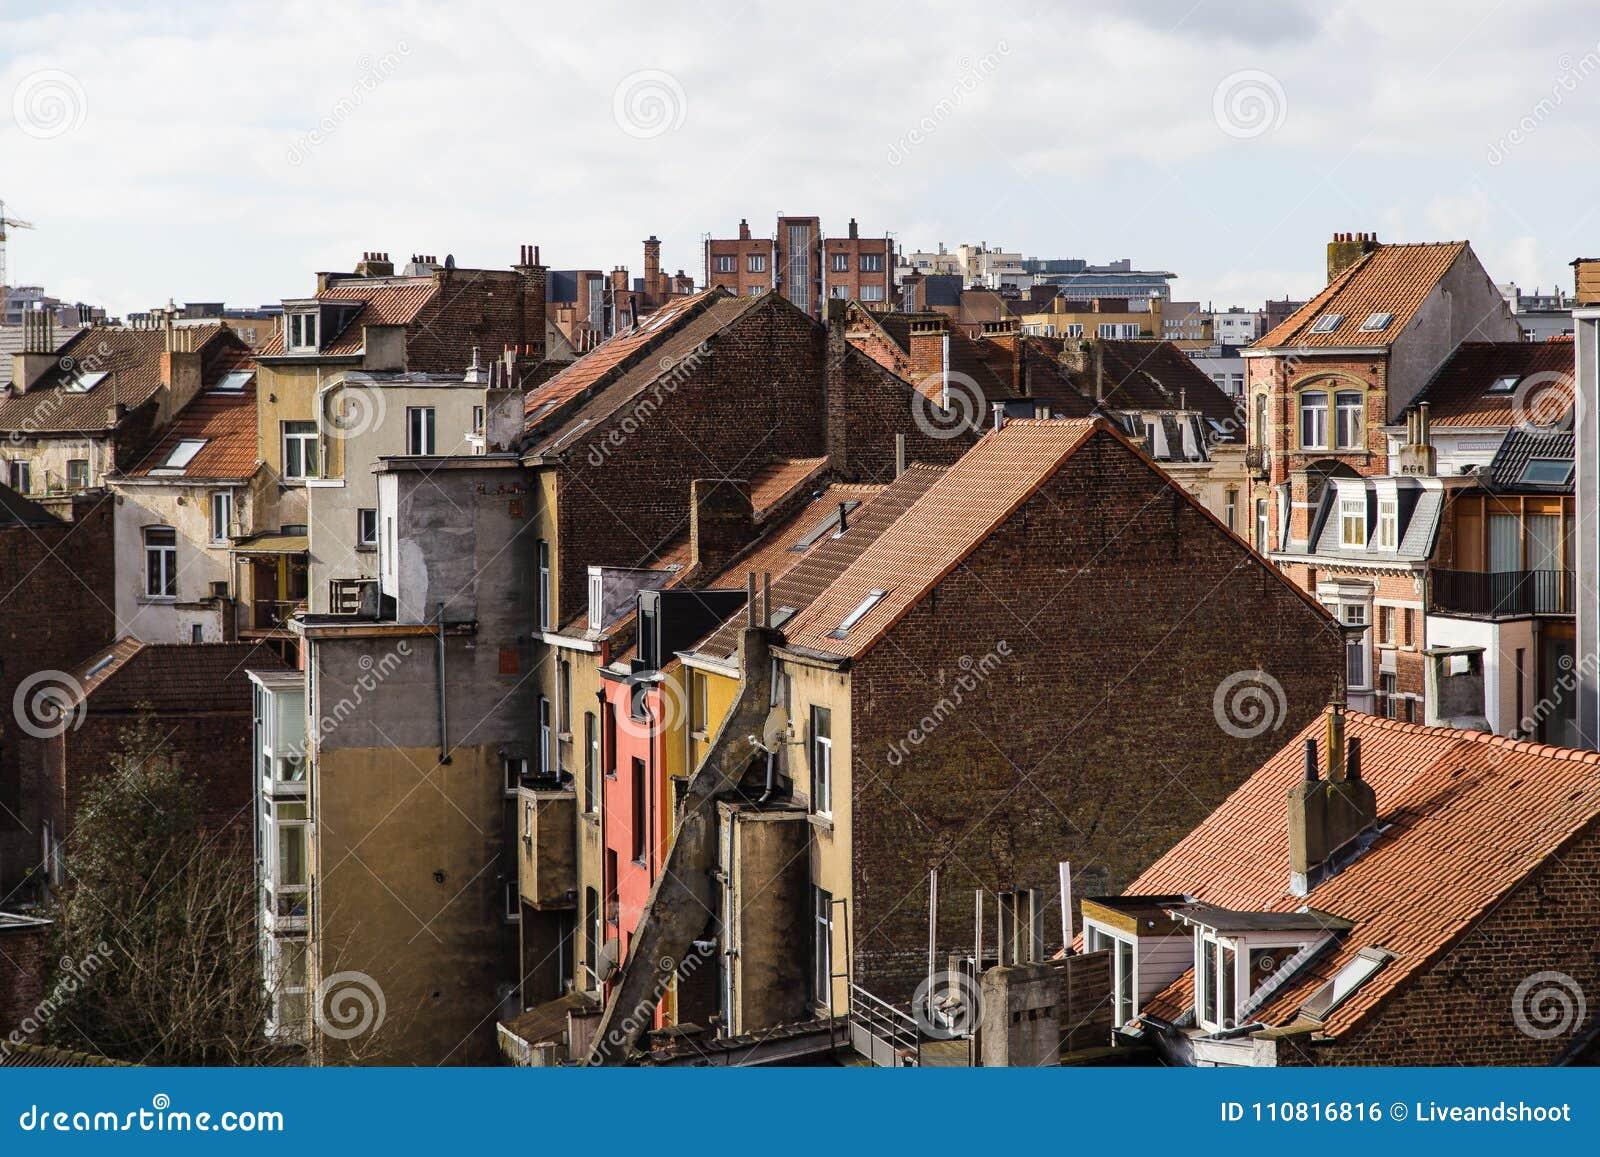 Case In Pietra E Mattoni : Pietra e case con mattoni a vista fotografia stock immagine di